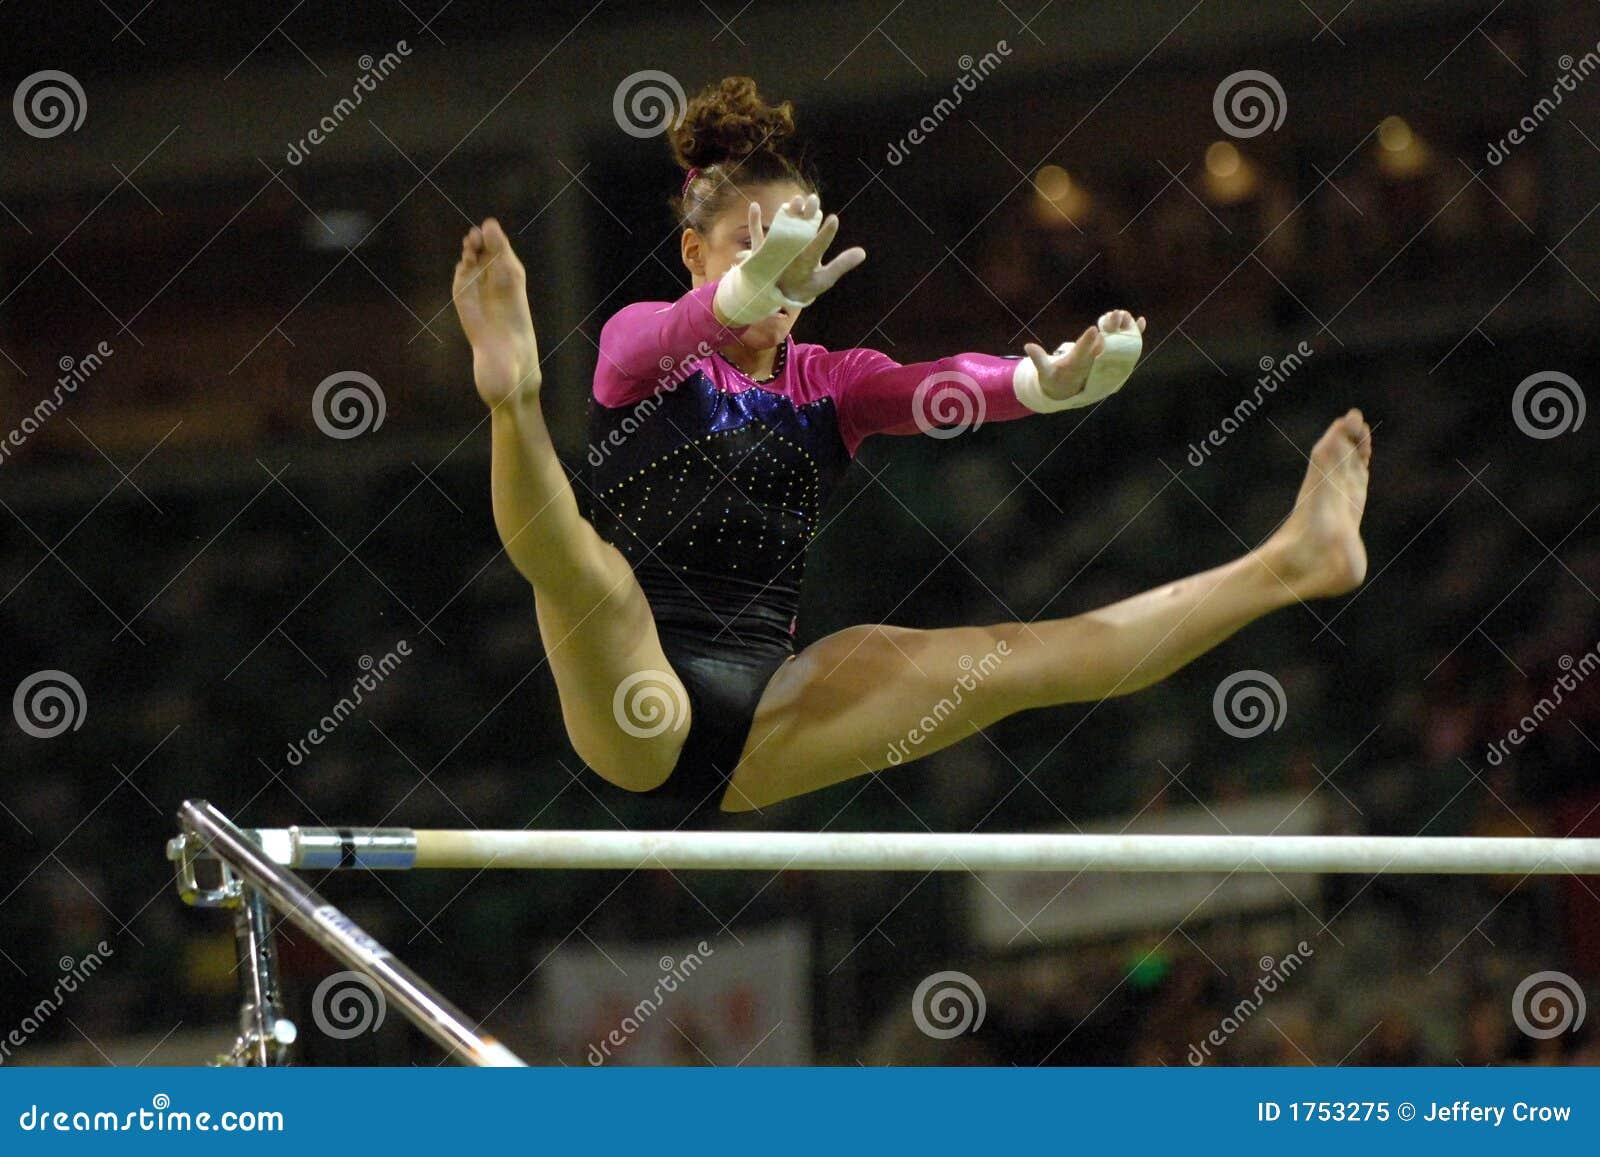 Uneven Bars Gymnastics Clip Art Gymnast Uneven Bars 00...